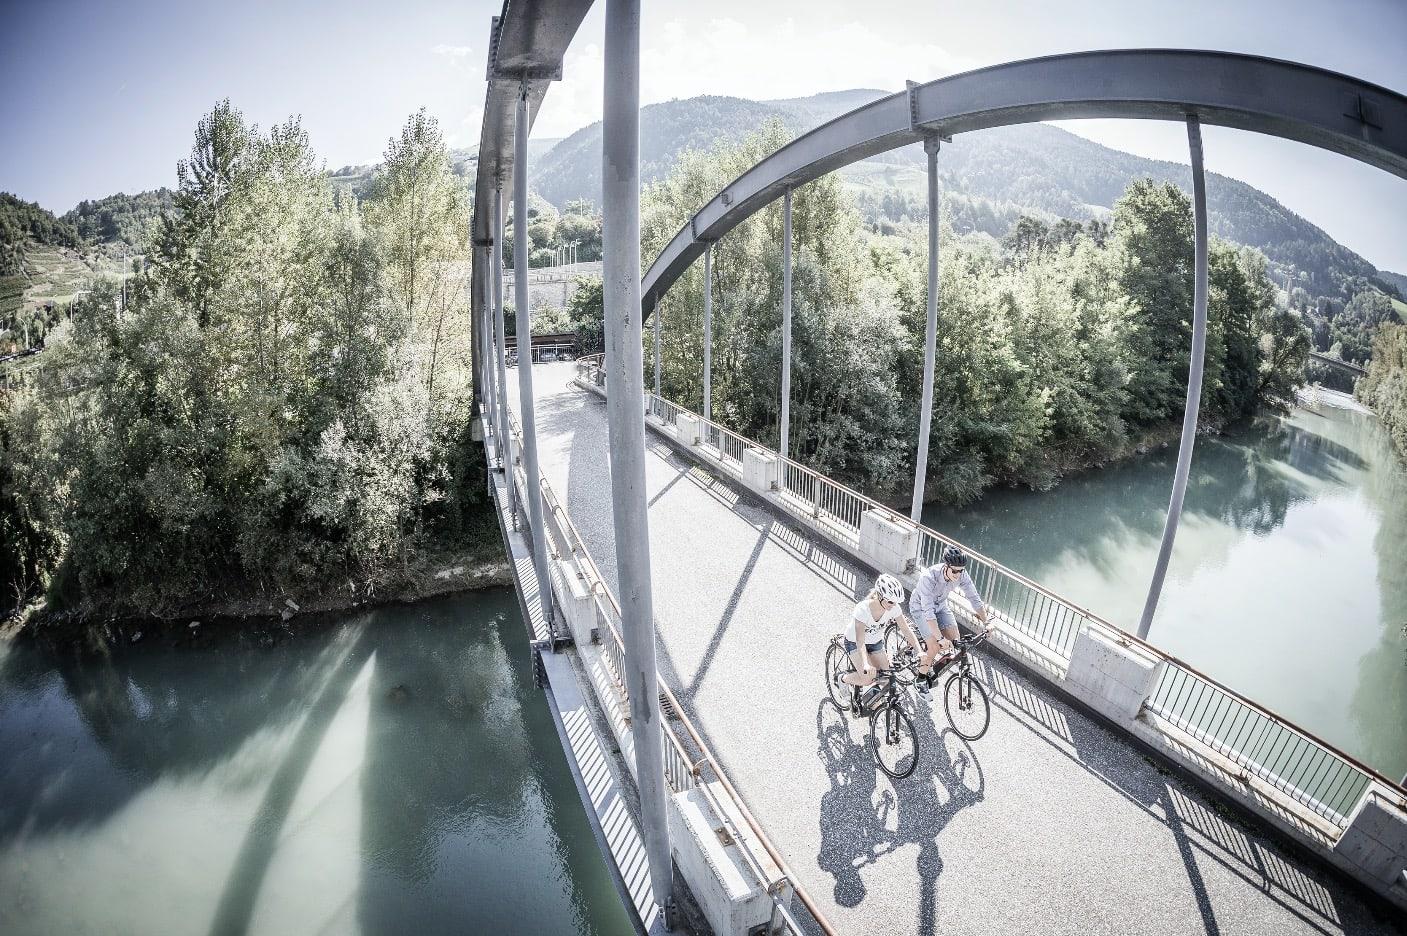 BEDRE HELSE: For mange er elsykkel med på gi en ekstra dytt til trening – bokstavelig talt. Foto: Merida